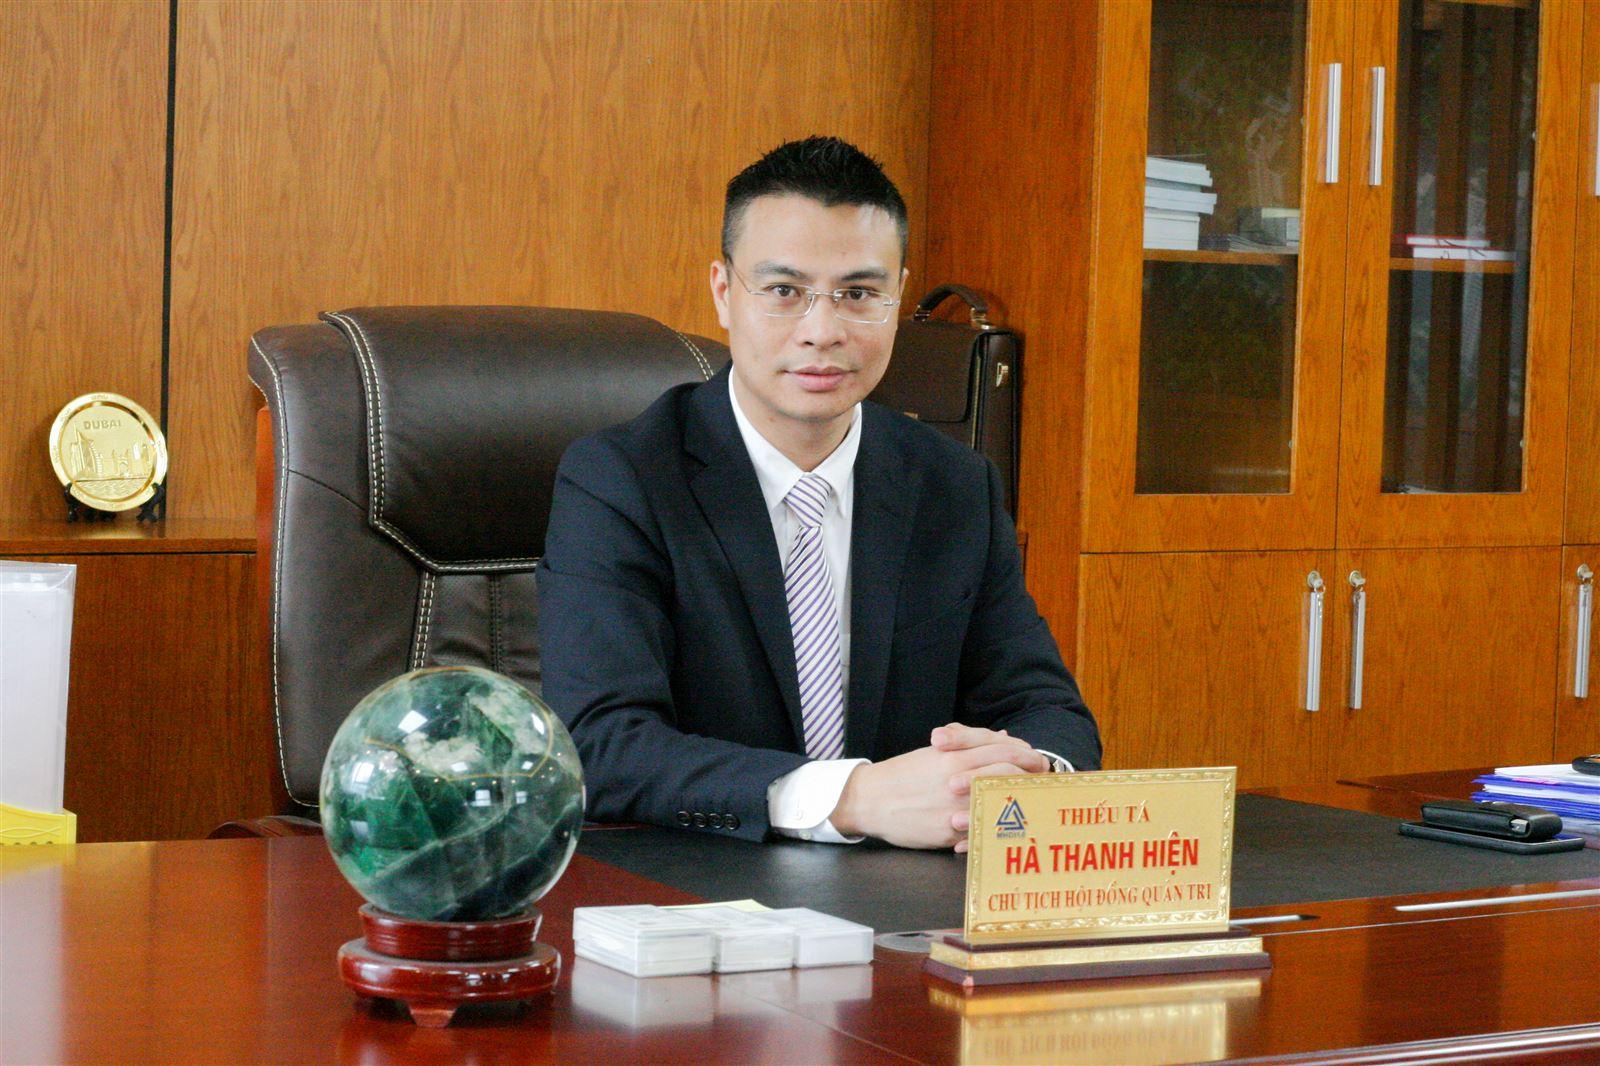 Ông Hà Thanh Hiện